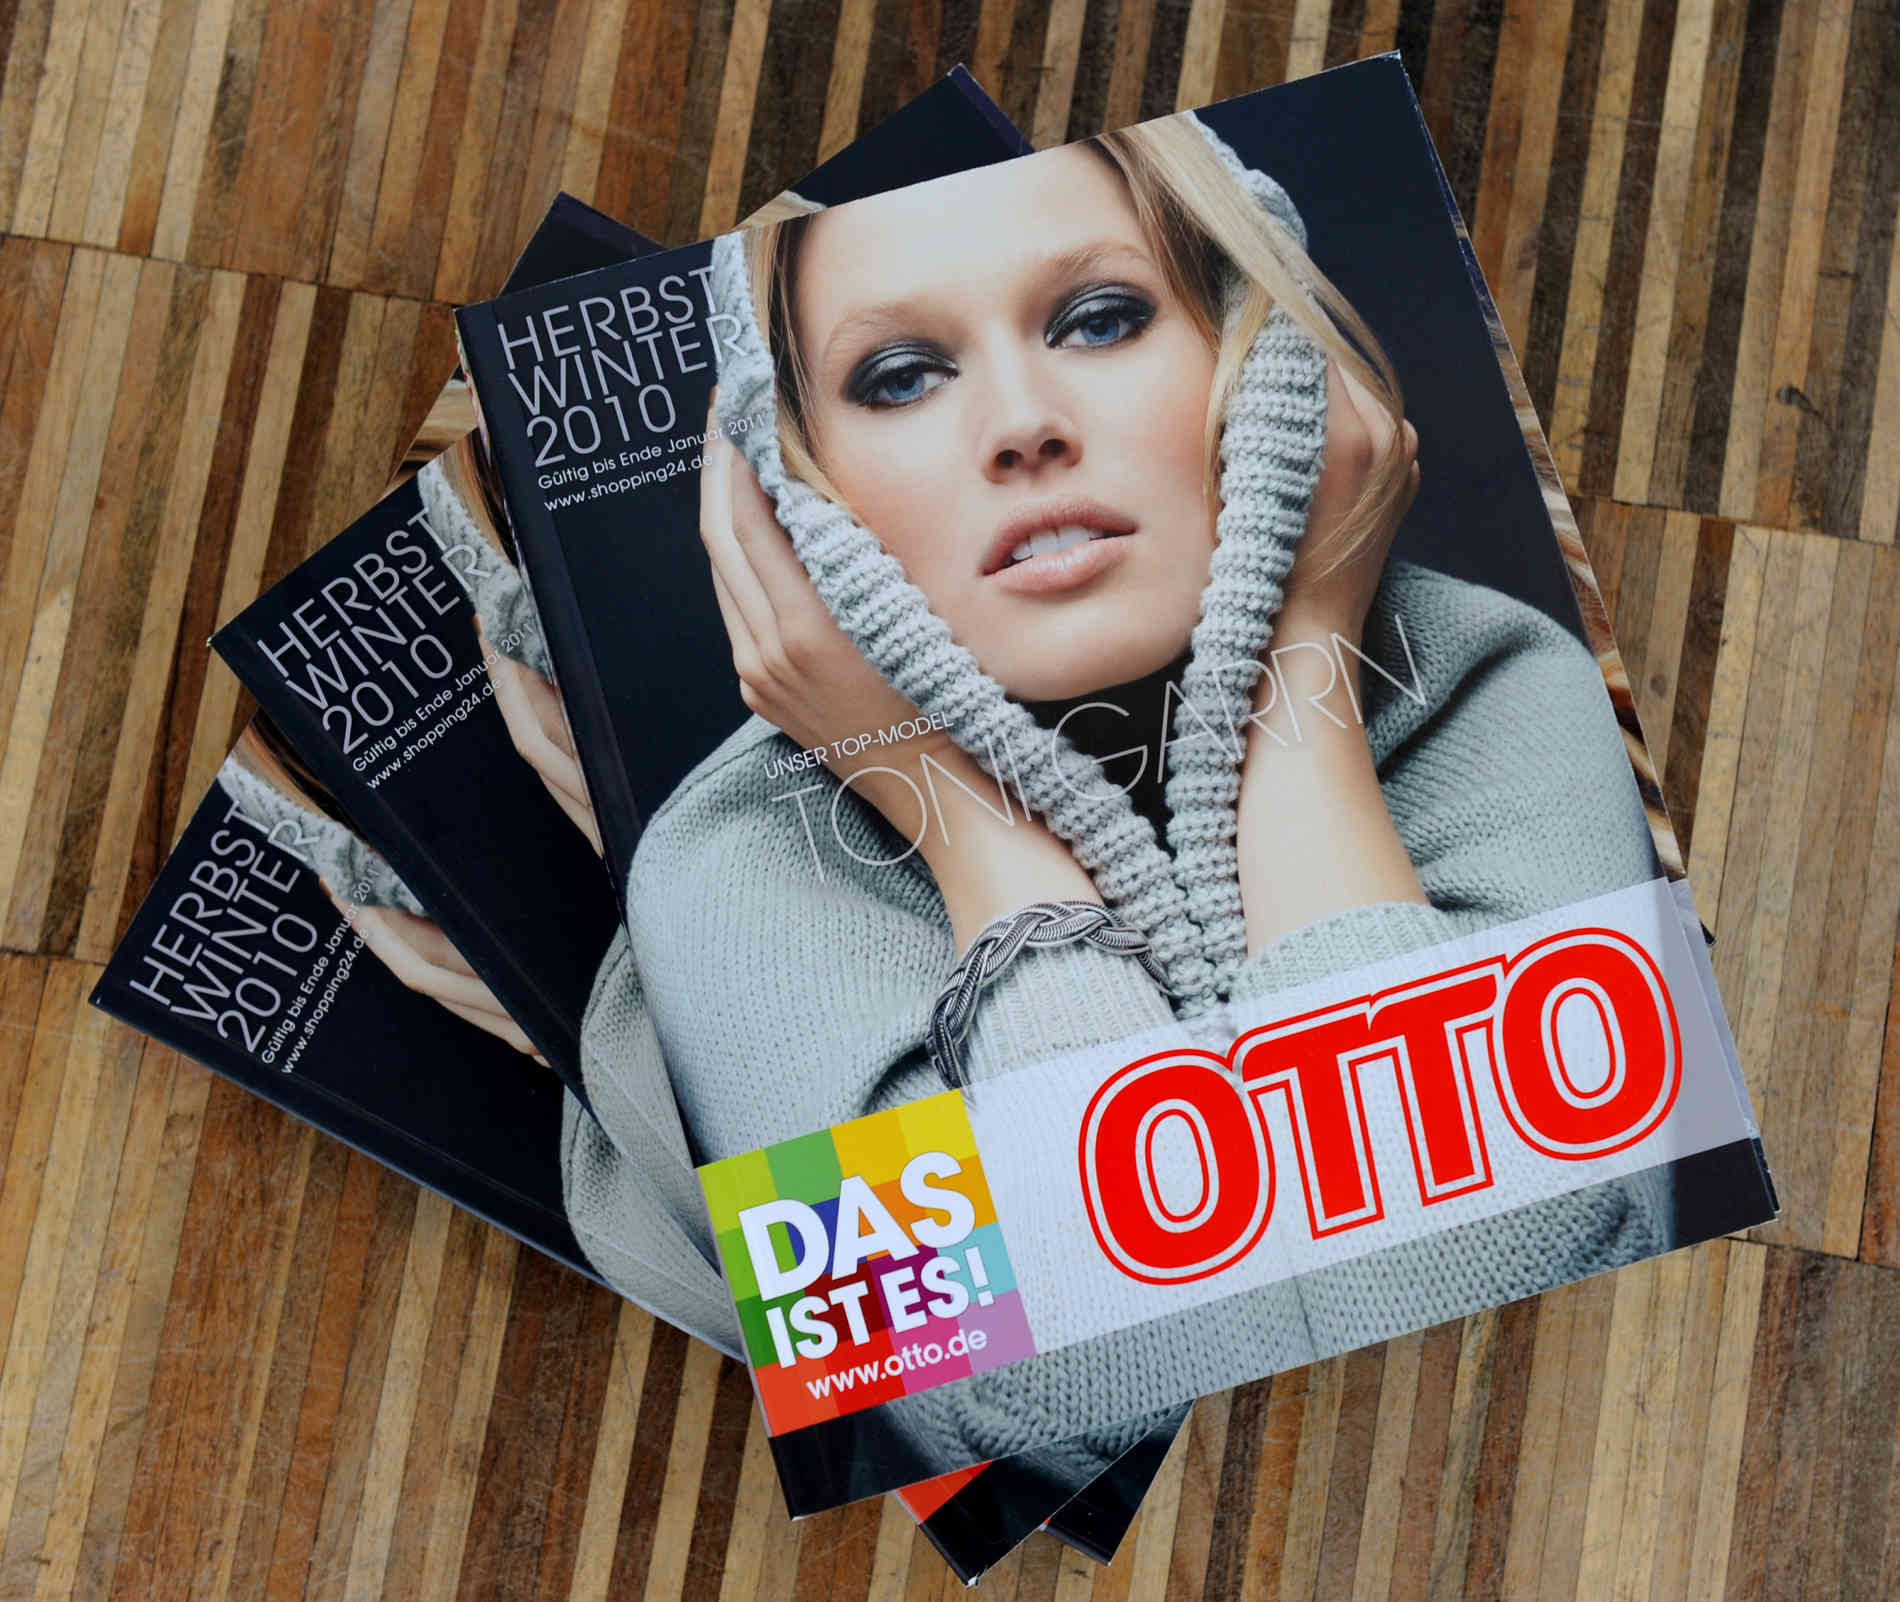 Otto Katalog Wird Eingestellt